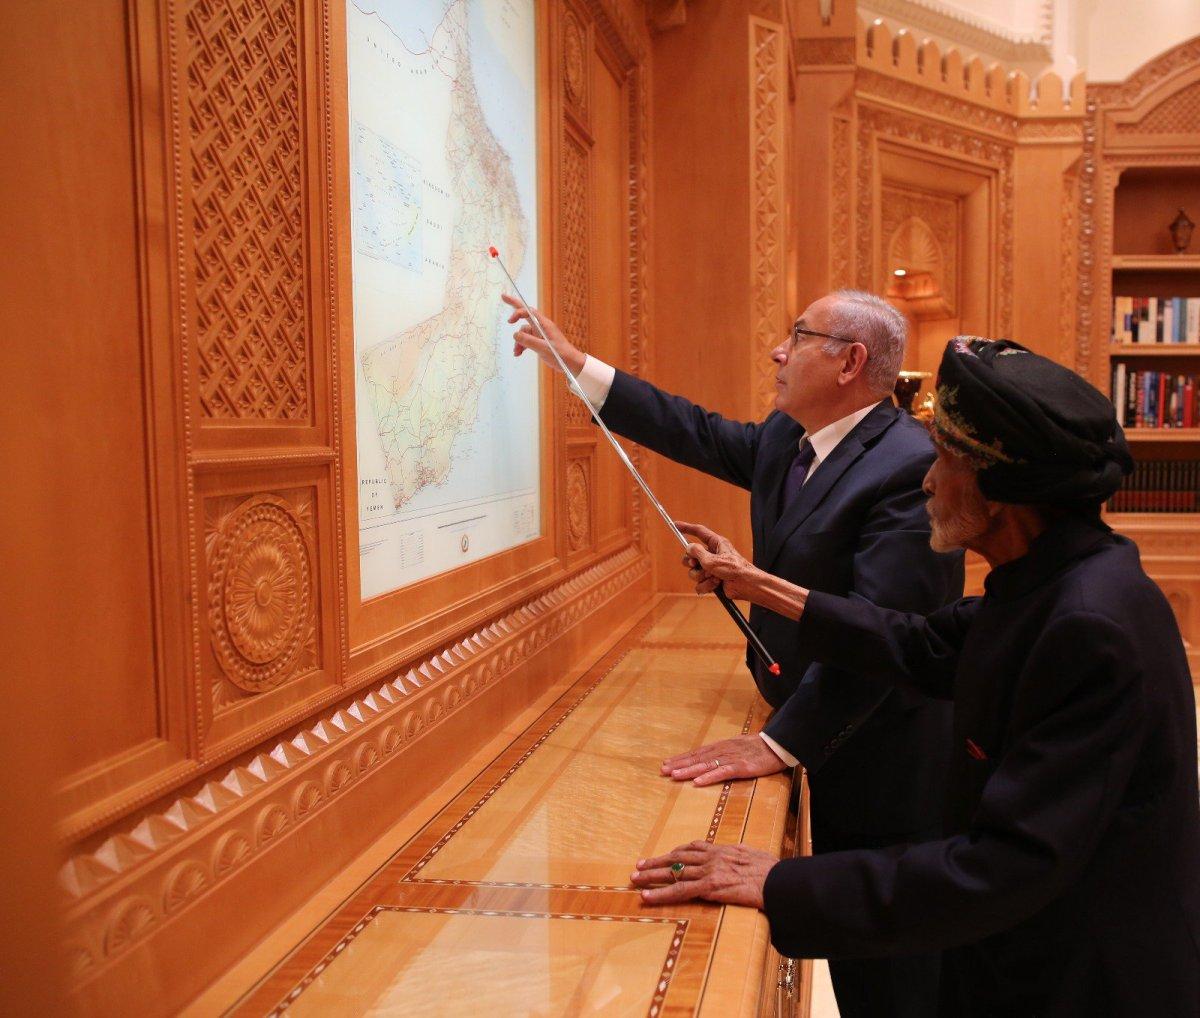 رئيس الوزراء الإسرائيلي بنيامين نتنياهو و السلطان قابوس بن   سعيد في مسقط  صورة: تويتر